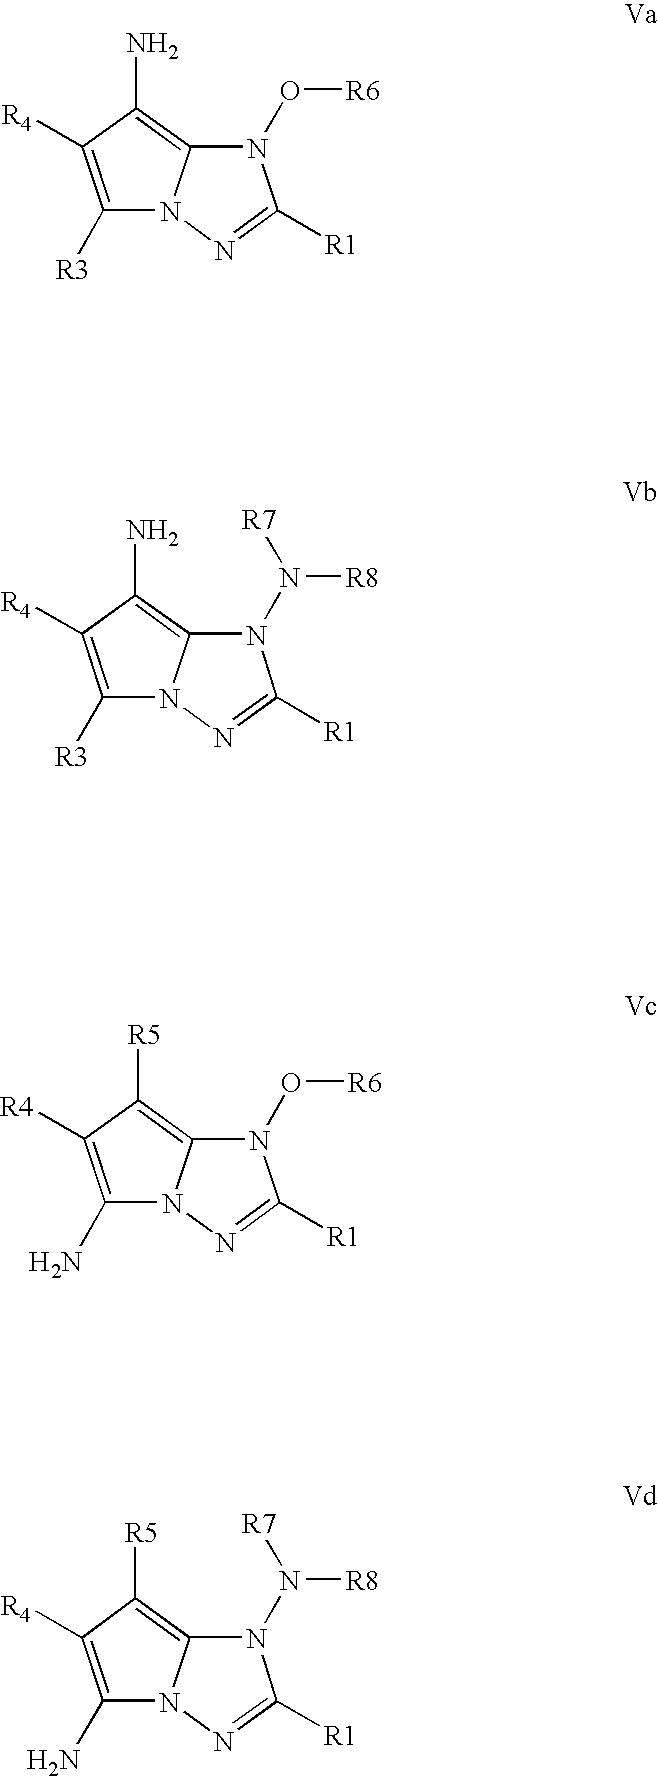 Figure US07288123-20071030-C00015